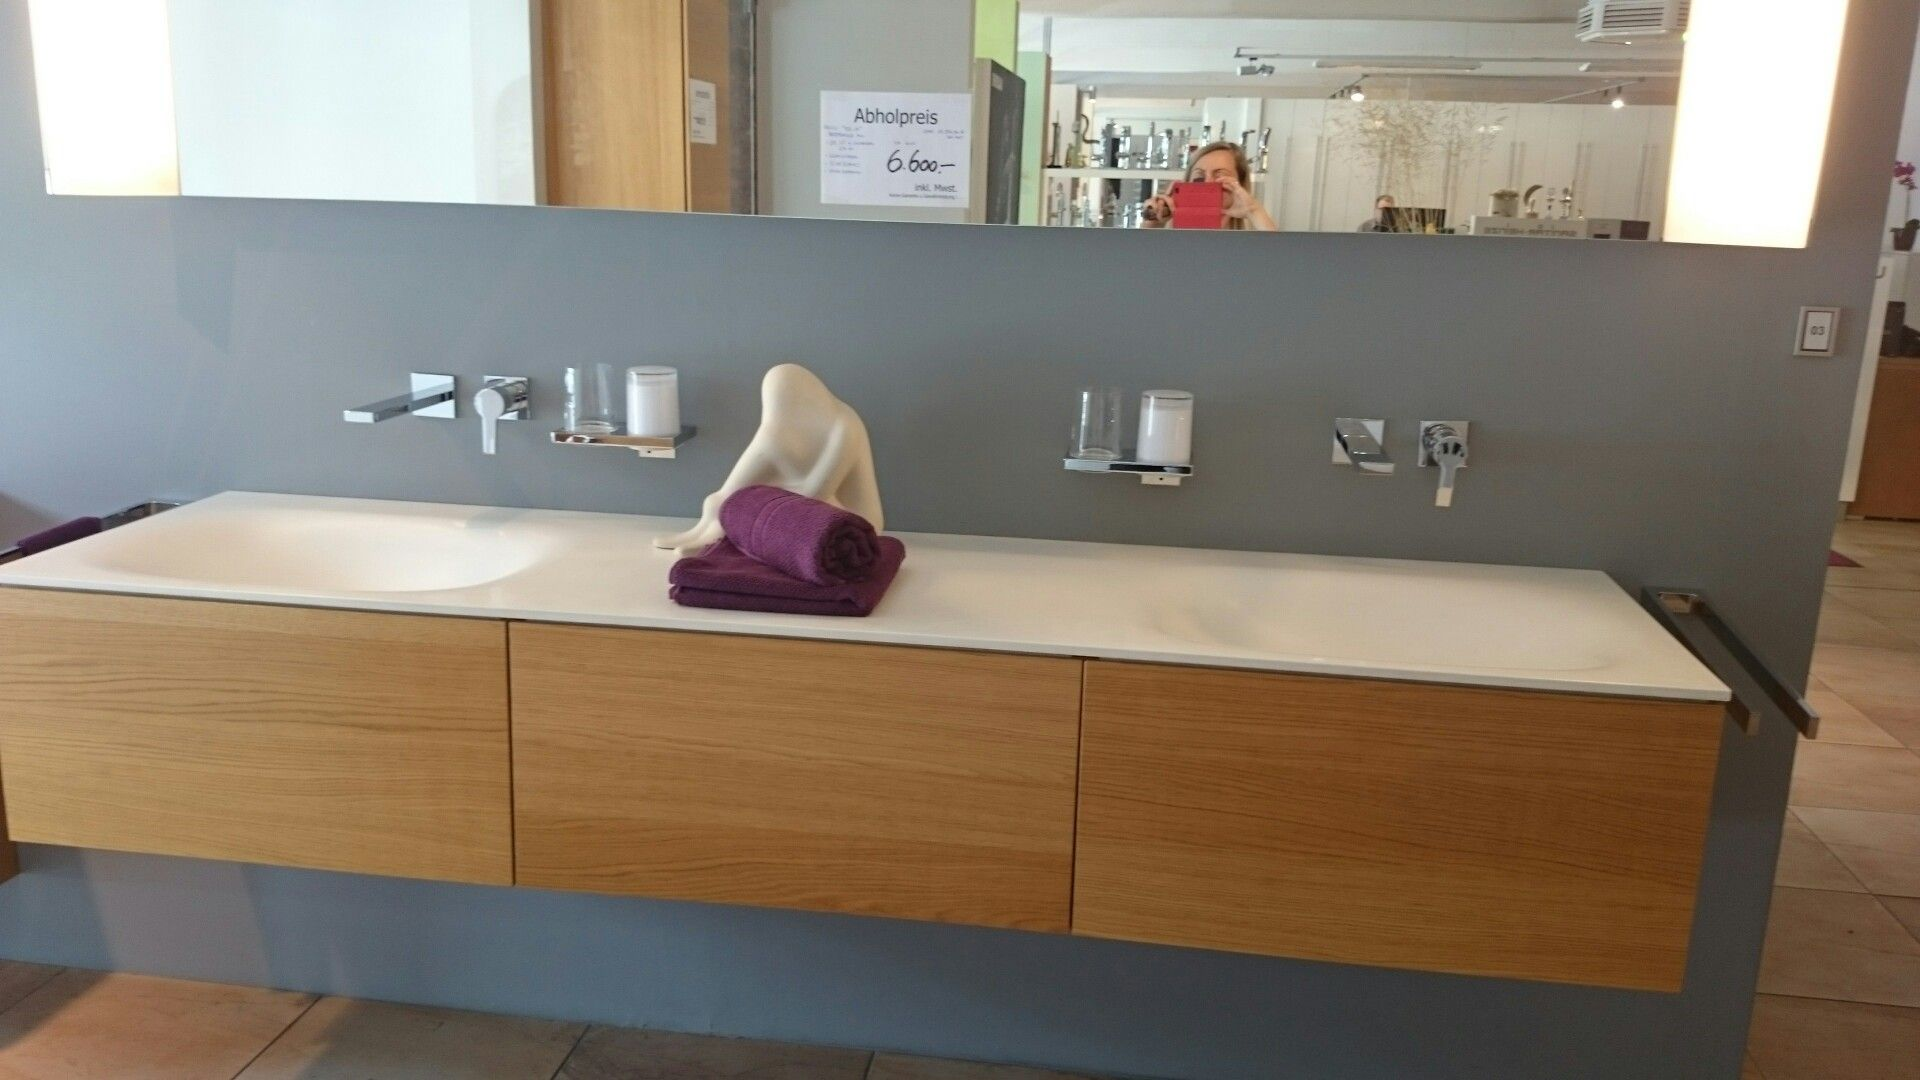 Innenarchitektur Zukunftsaussichten hoesch largo rechteck badewanne weiß 3692 010 reuter onlineshop